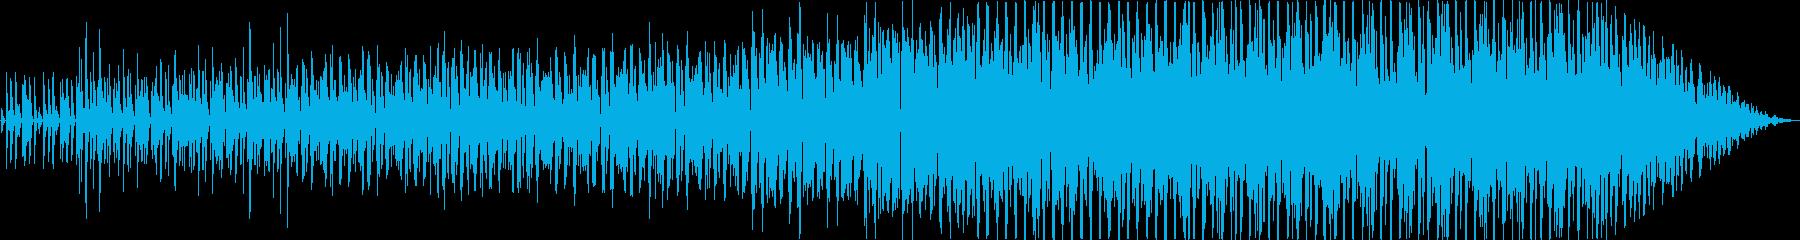 これからはじまる、とっておきの音楽の再生済みの波形